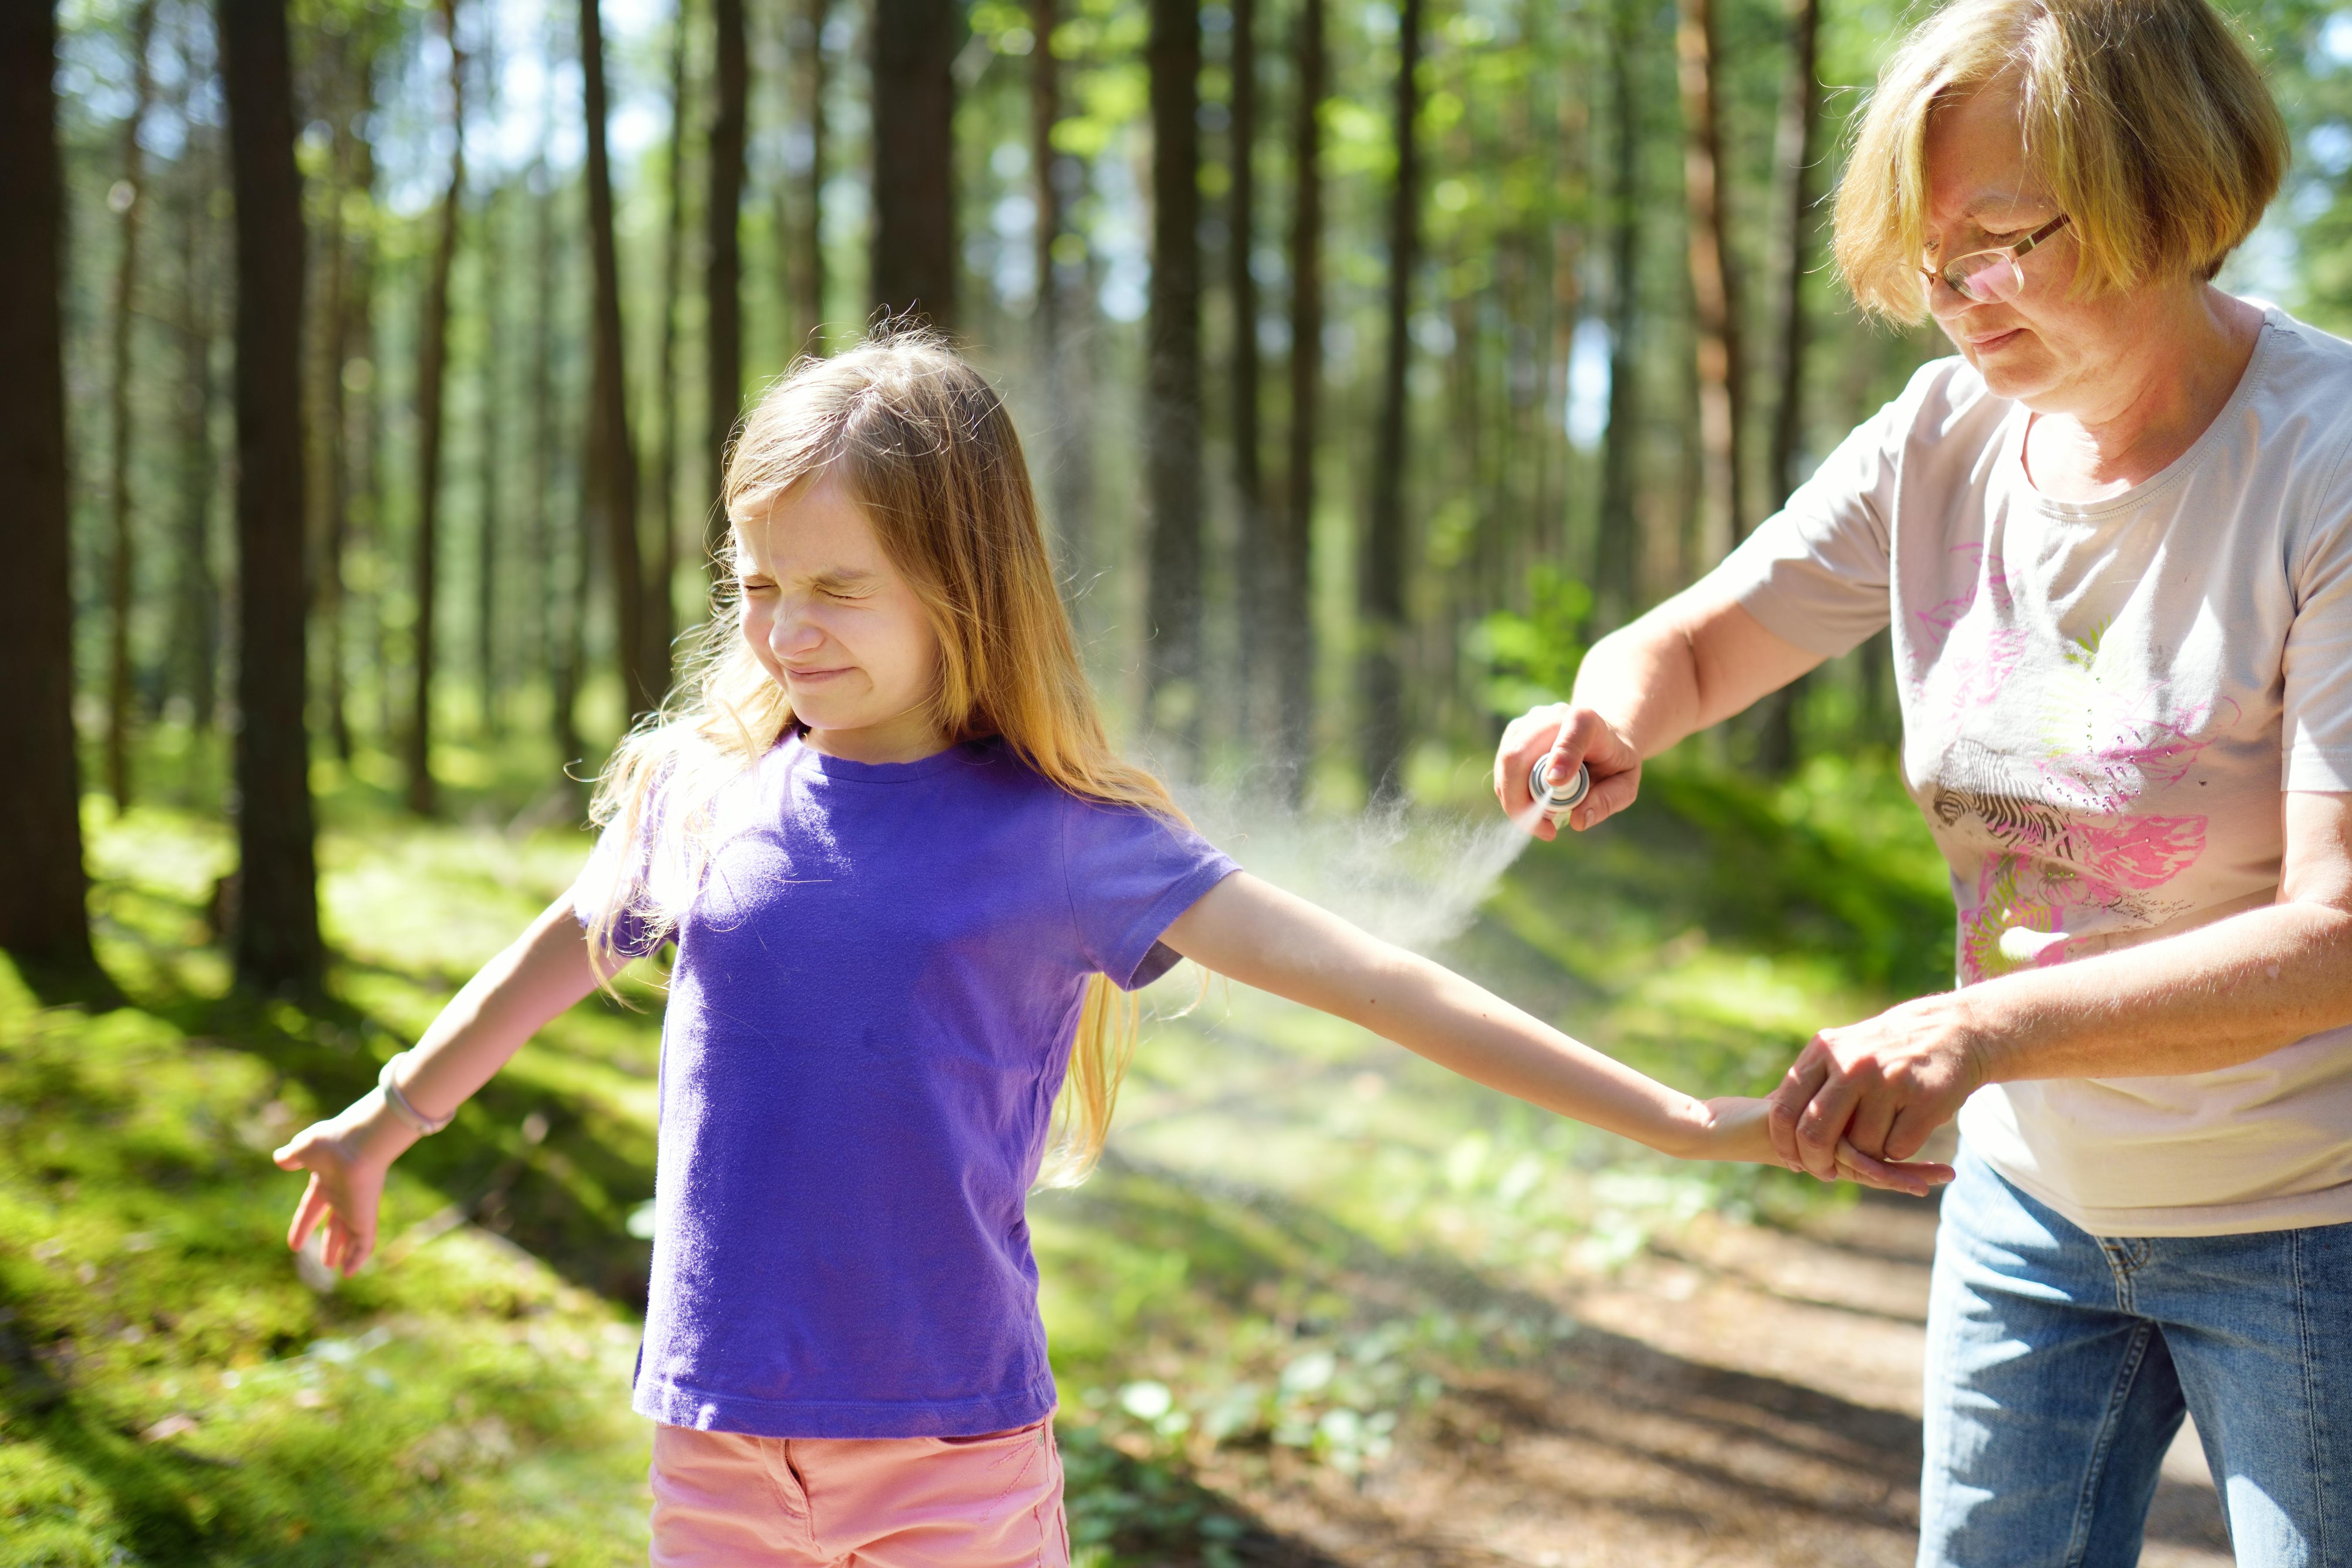 Vissa människor är mer känsliga än andra och får kraftigare reaktioner av myggbett.